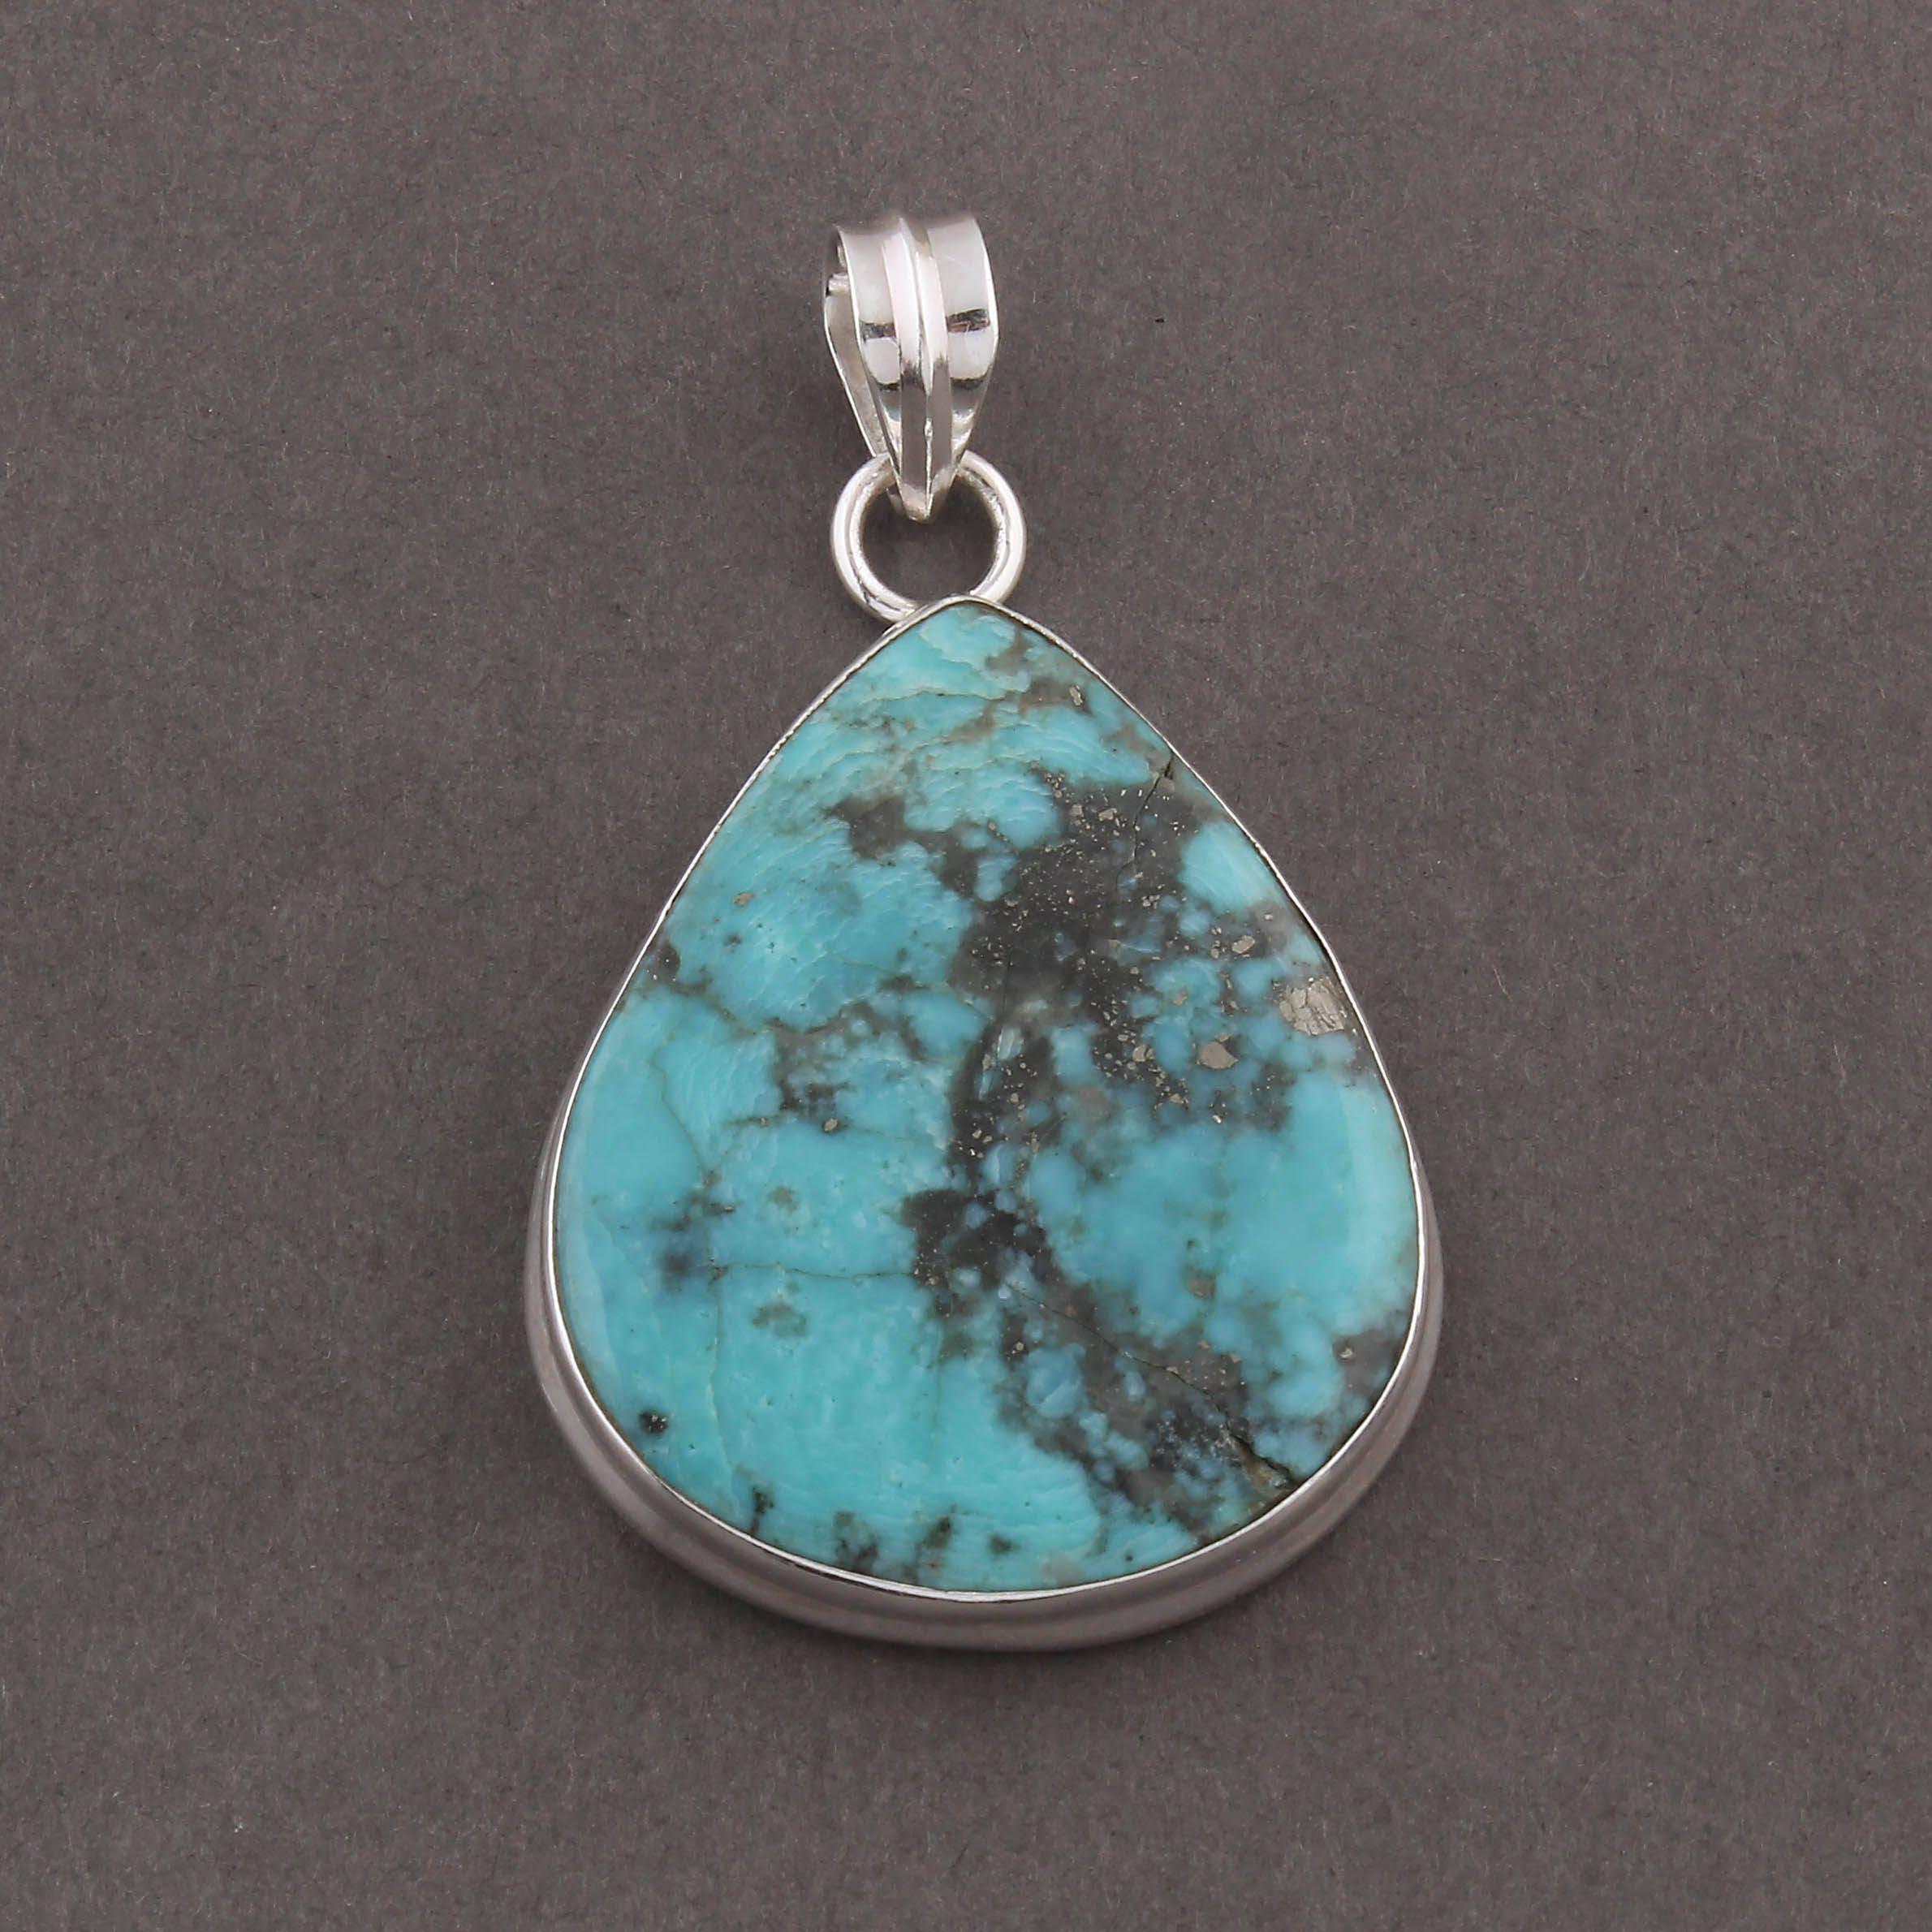 1 pc très belle poire poire poire en Turquoise naturelle véritable pendentif - pierres précieuses-argent 925 pendentif 45mmx32mm-11mmx5mm SJ076 aa625c